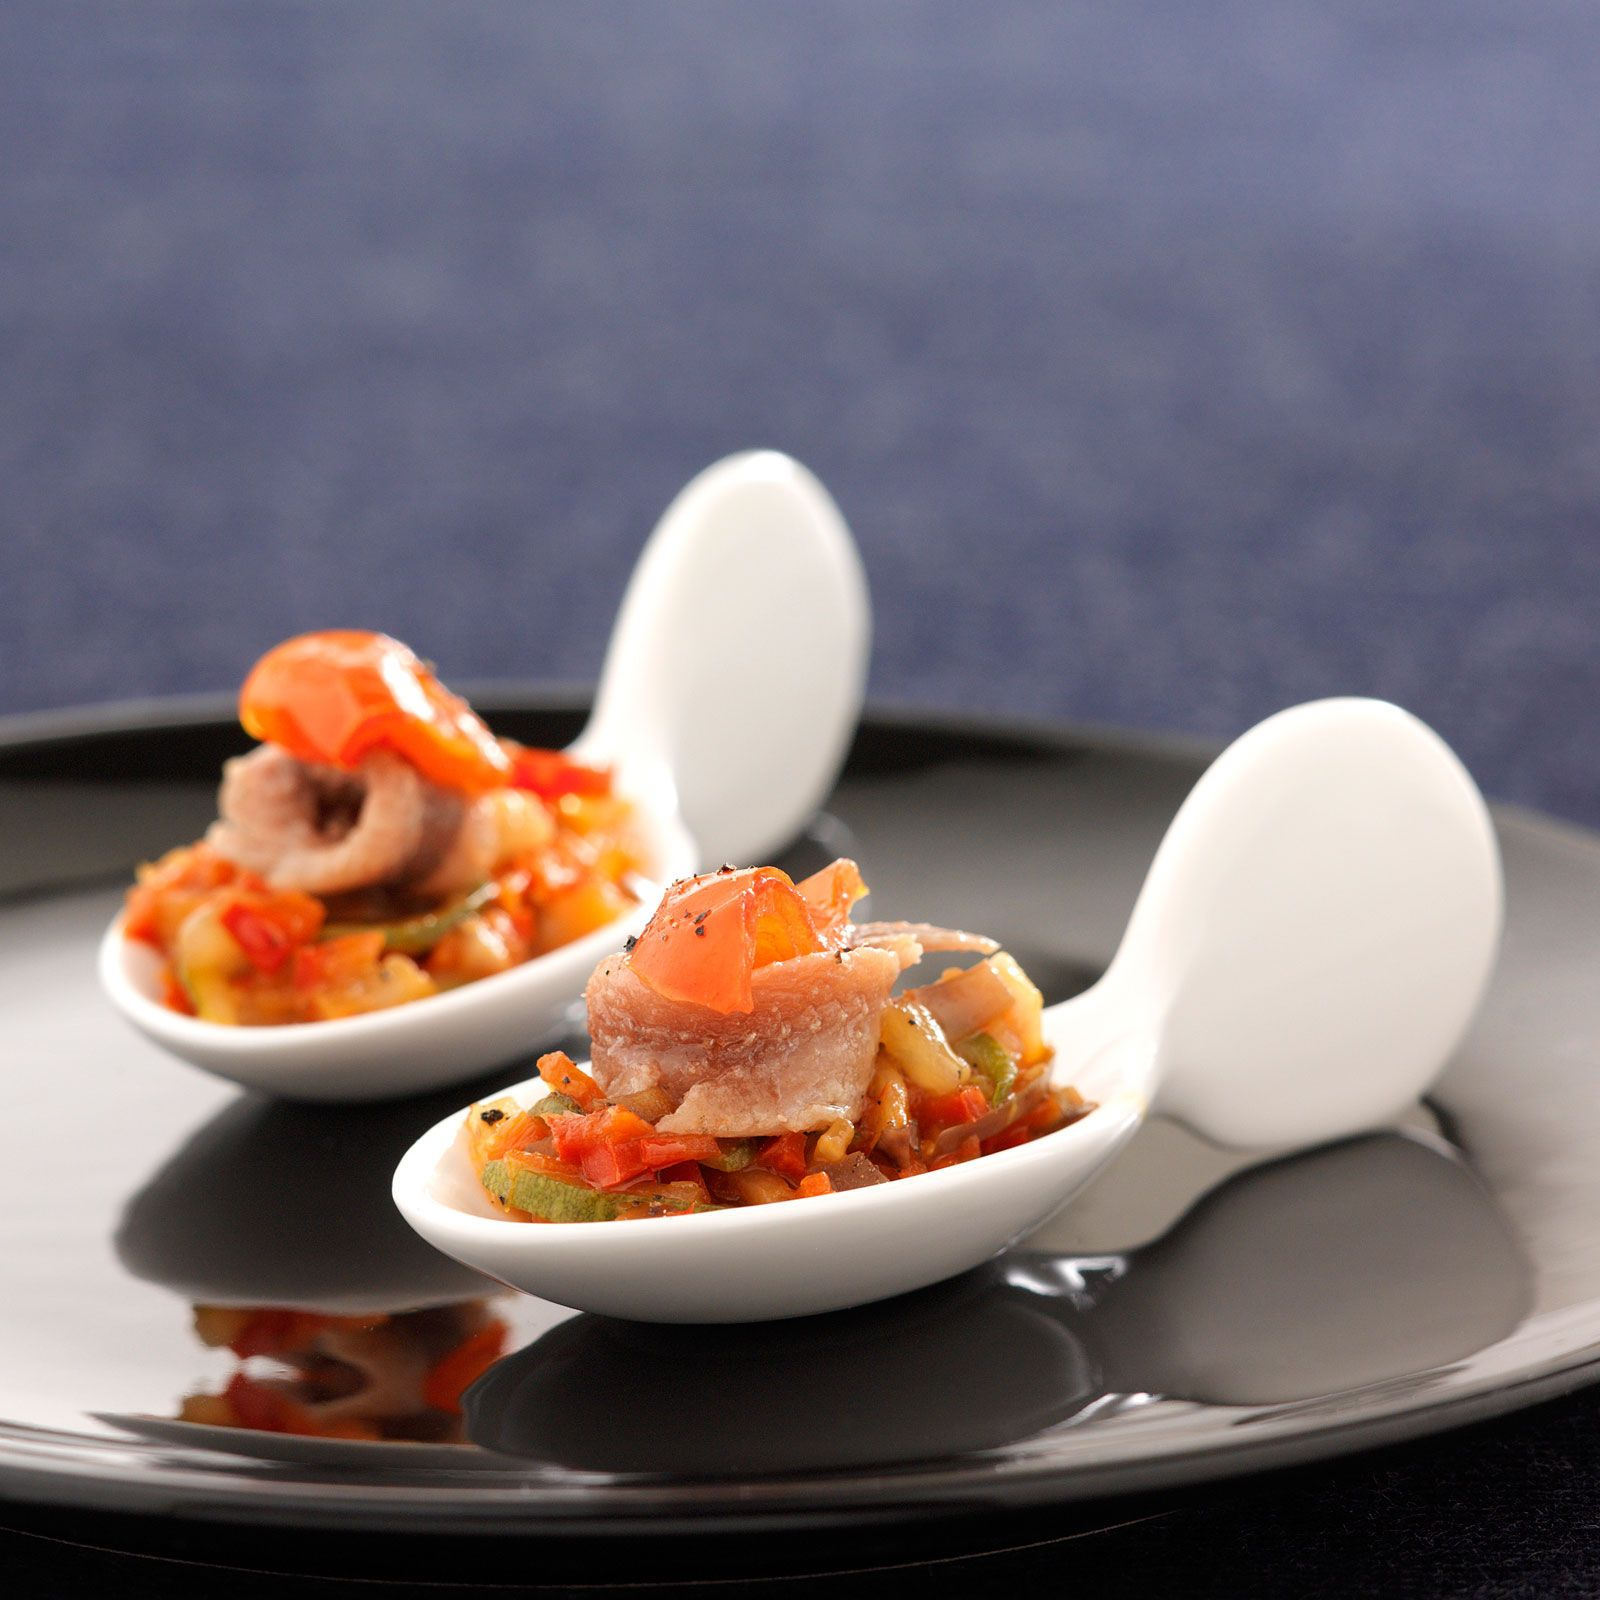 Découvrez la recette Ratatouille niçoise sur cuisineactuelle.fr.